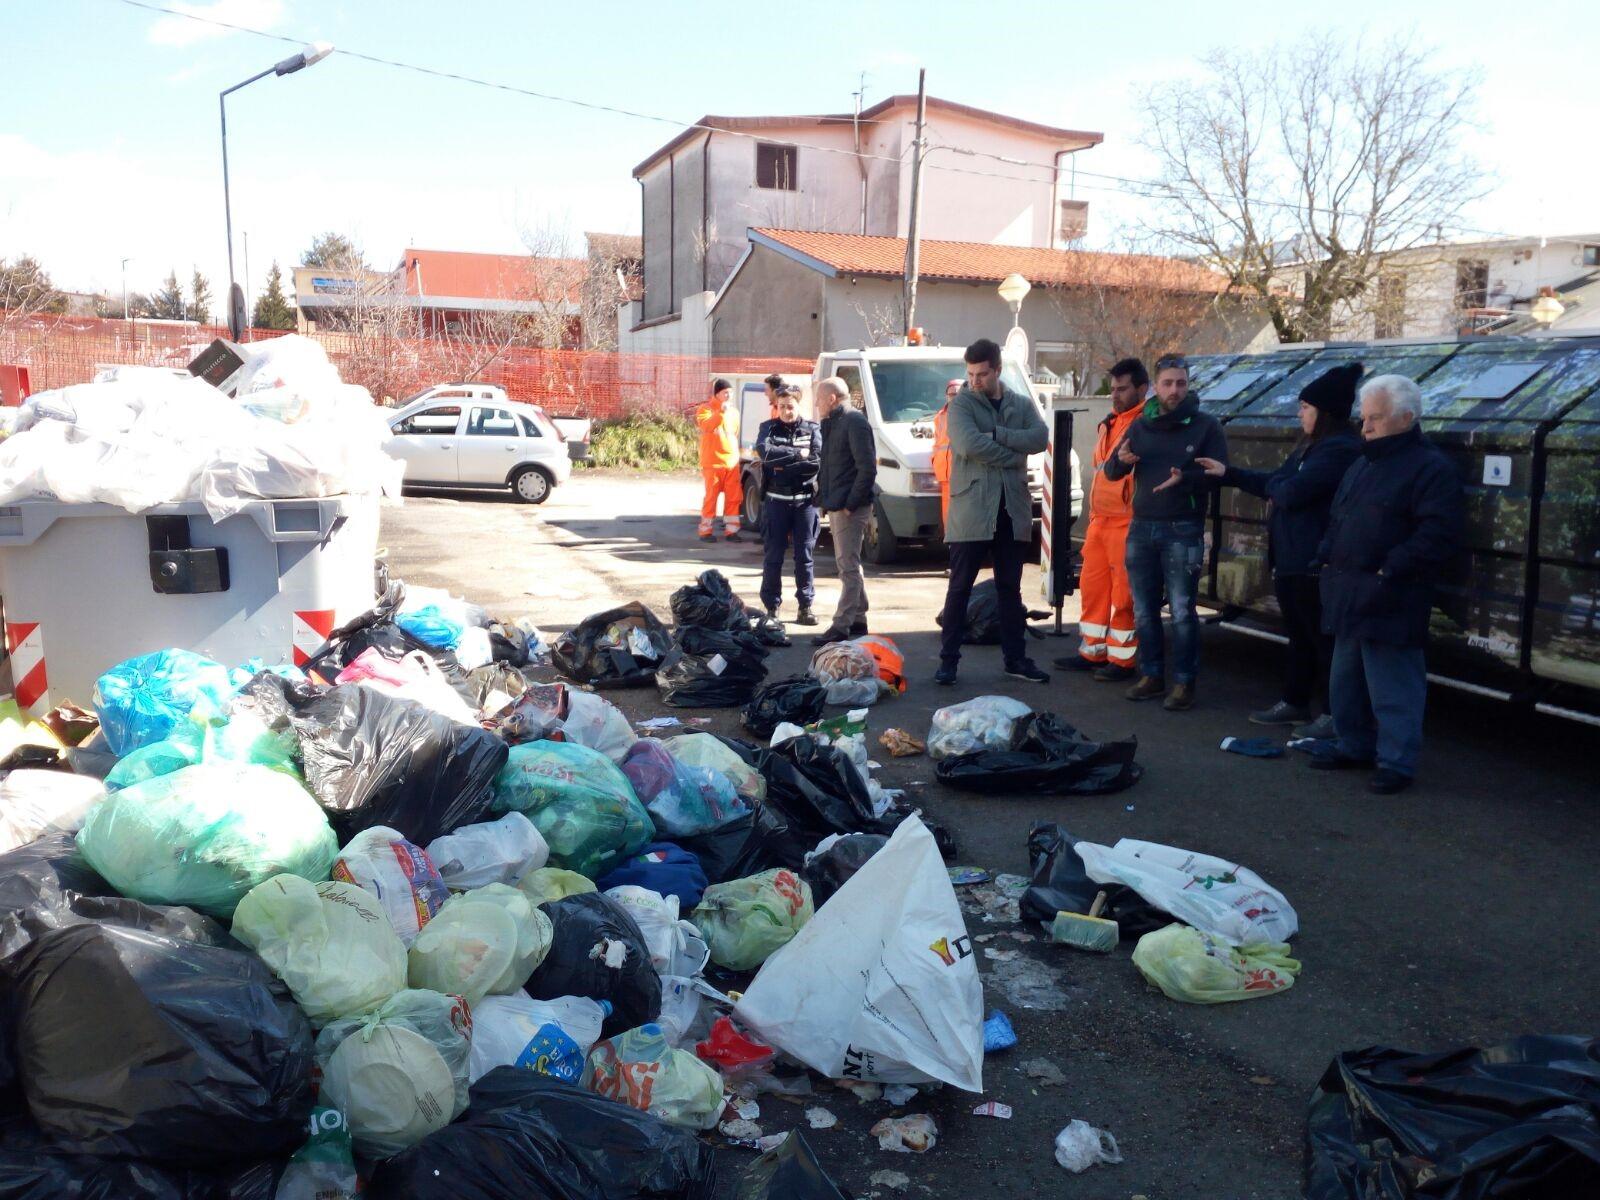 Lotta ai rifiuti abbandonati e non riciclati, scovati altri 25 trasgressori